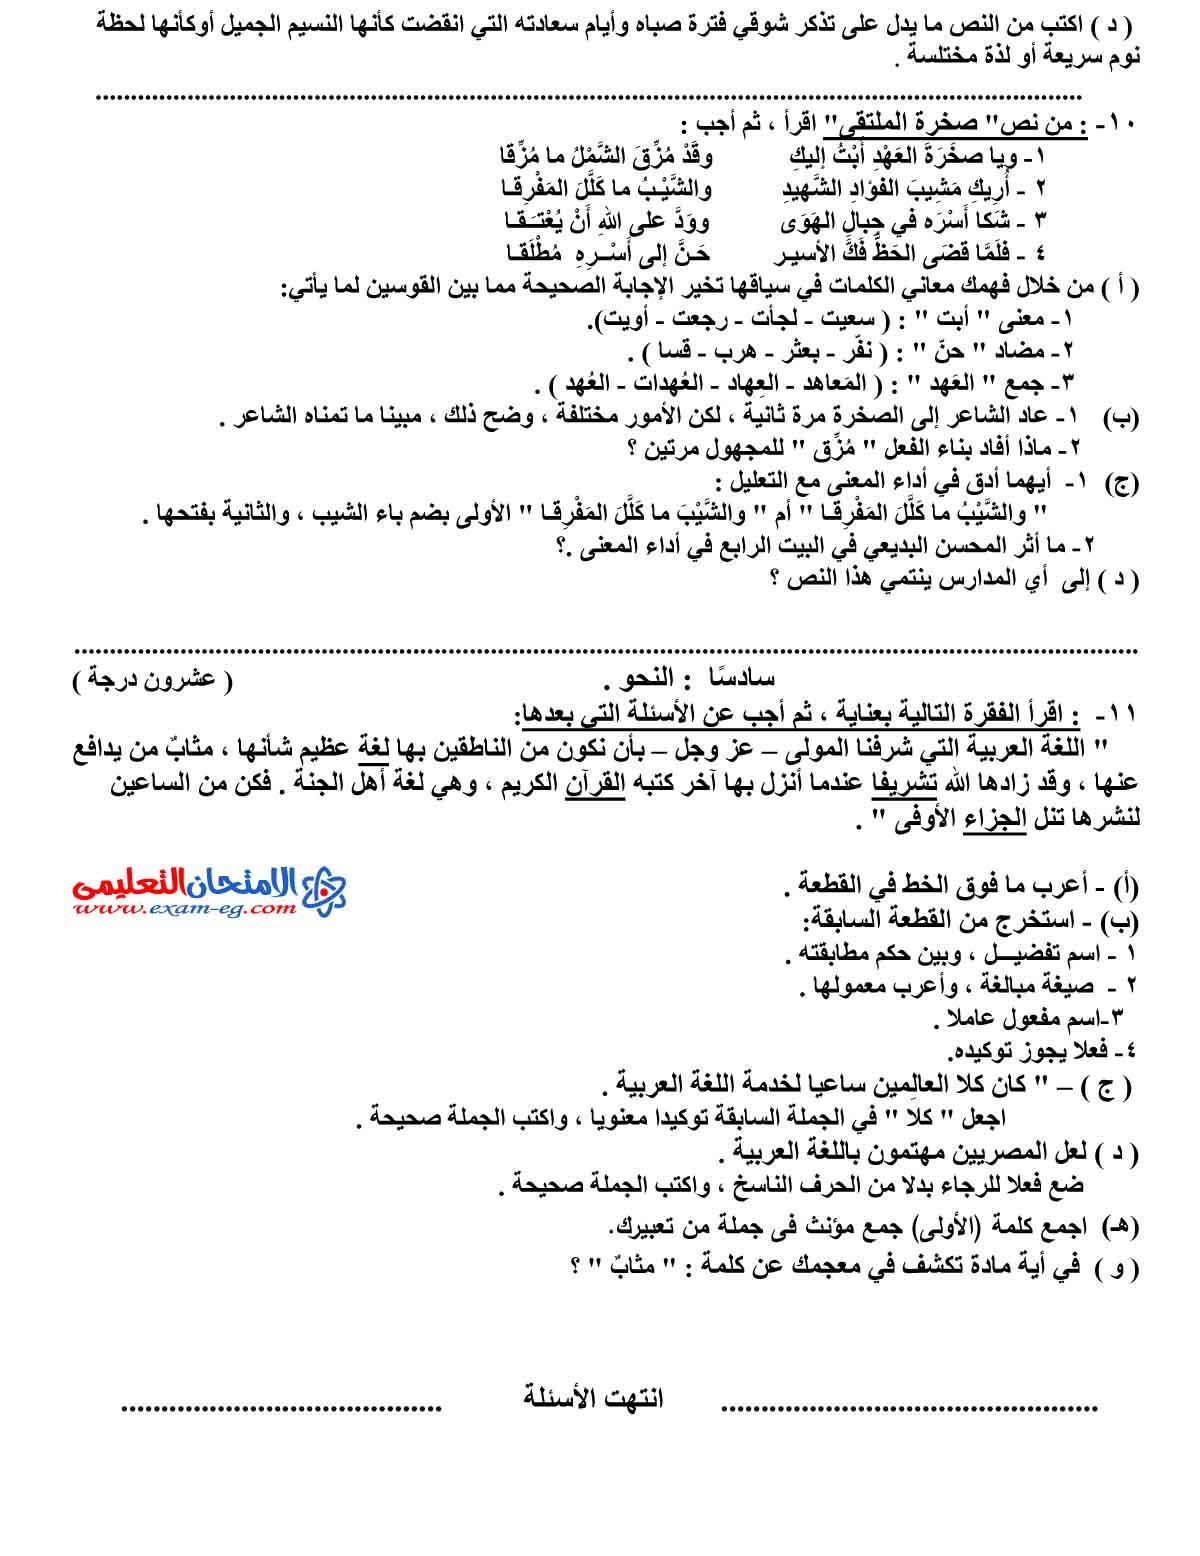 امتحان اللغة العربية 2 - مدرسة اون لاين (4)